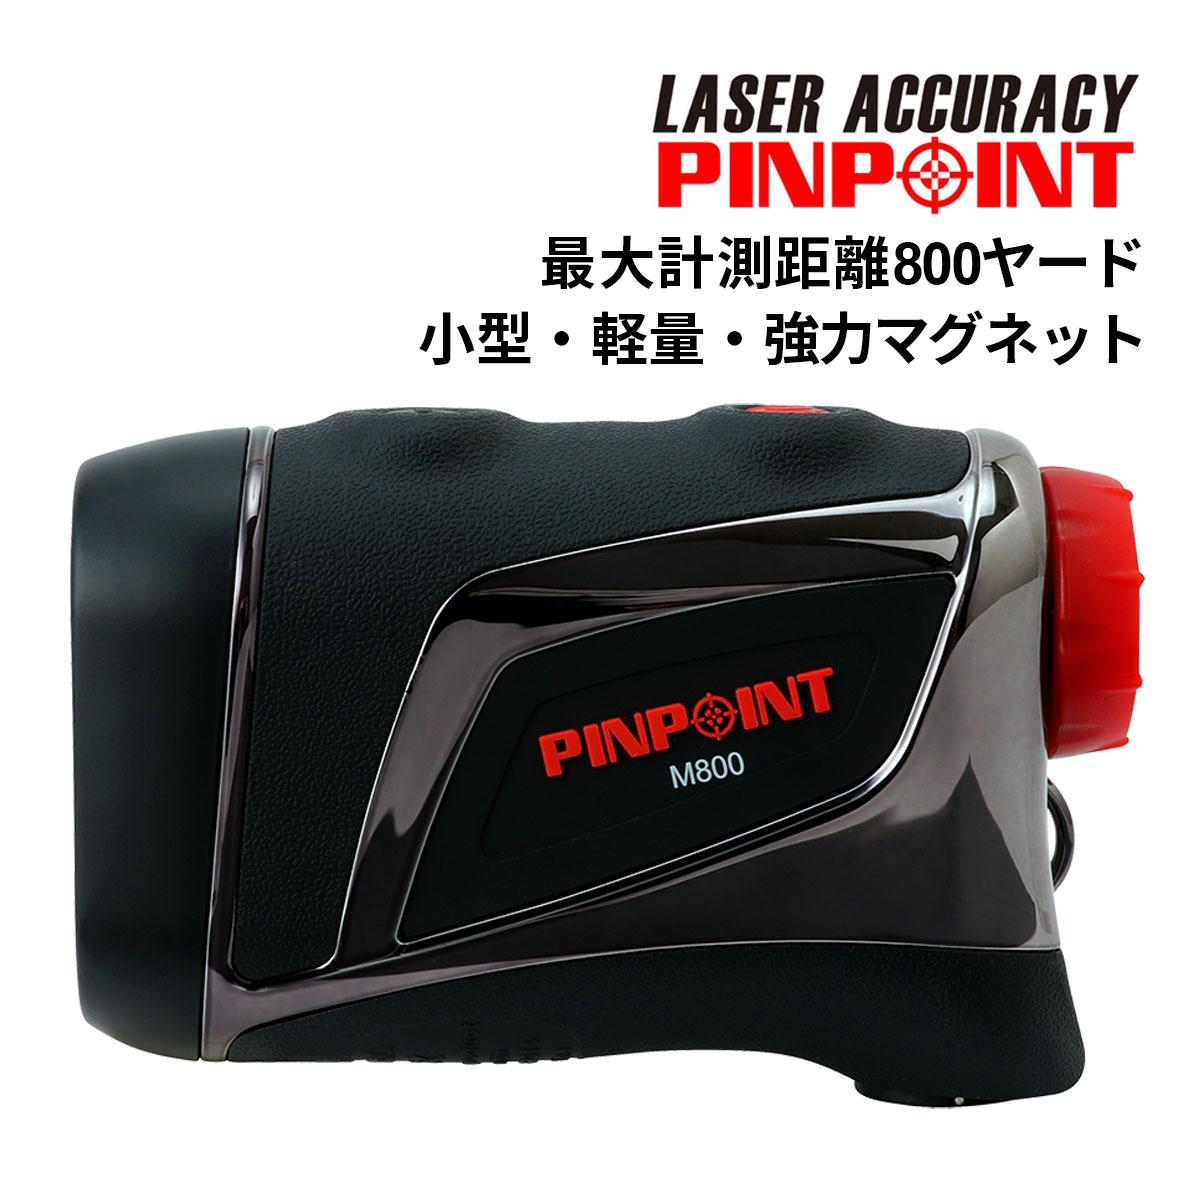 レーザーアキュラシーPINPOINT M800